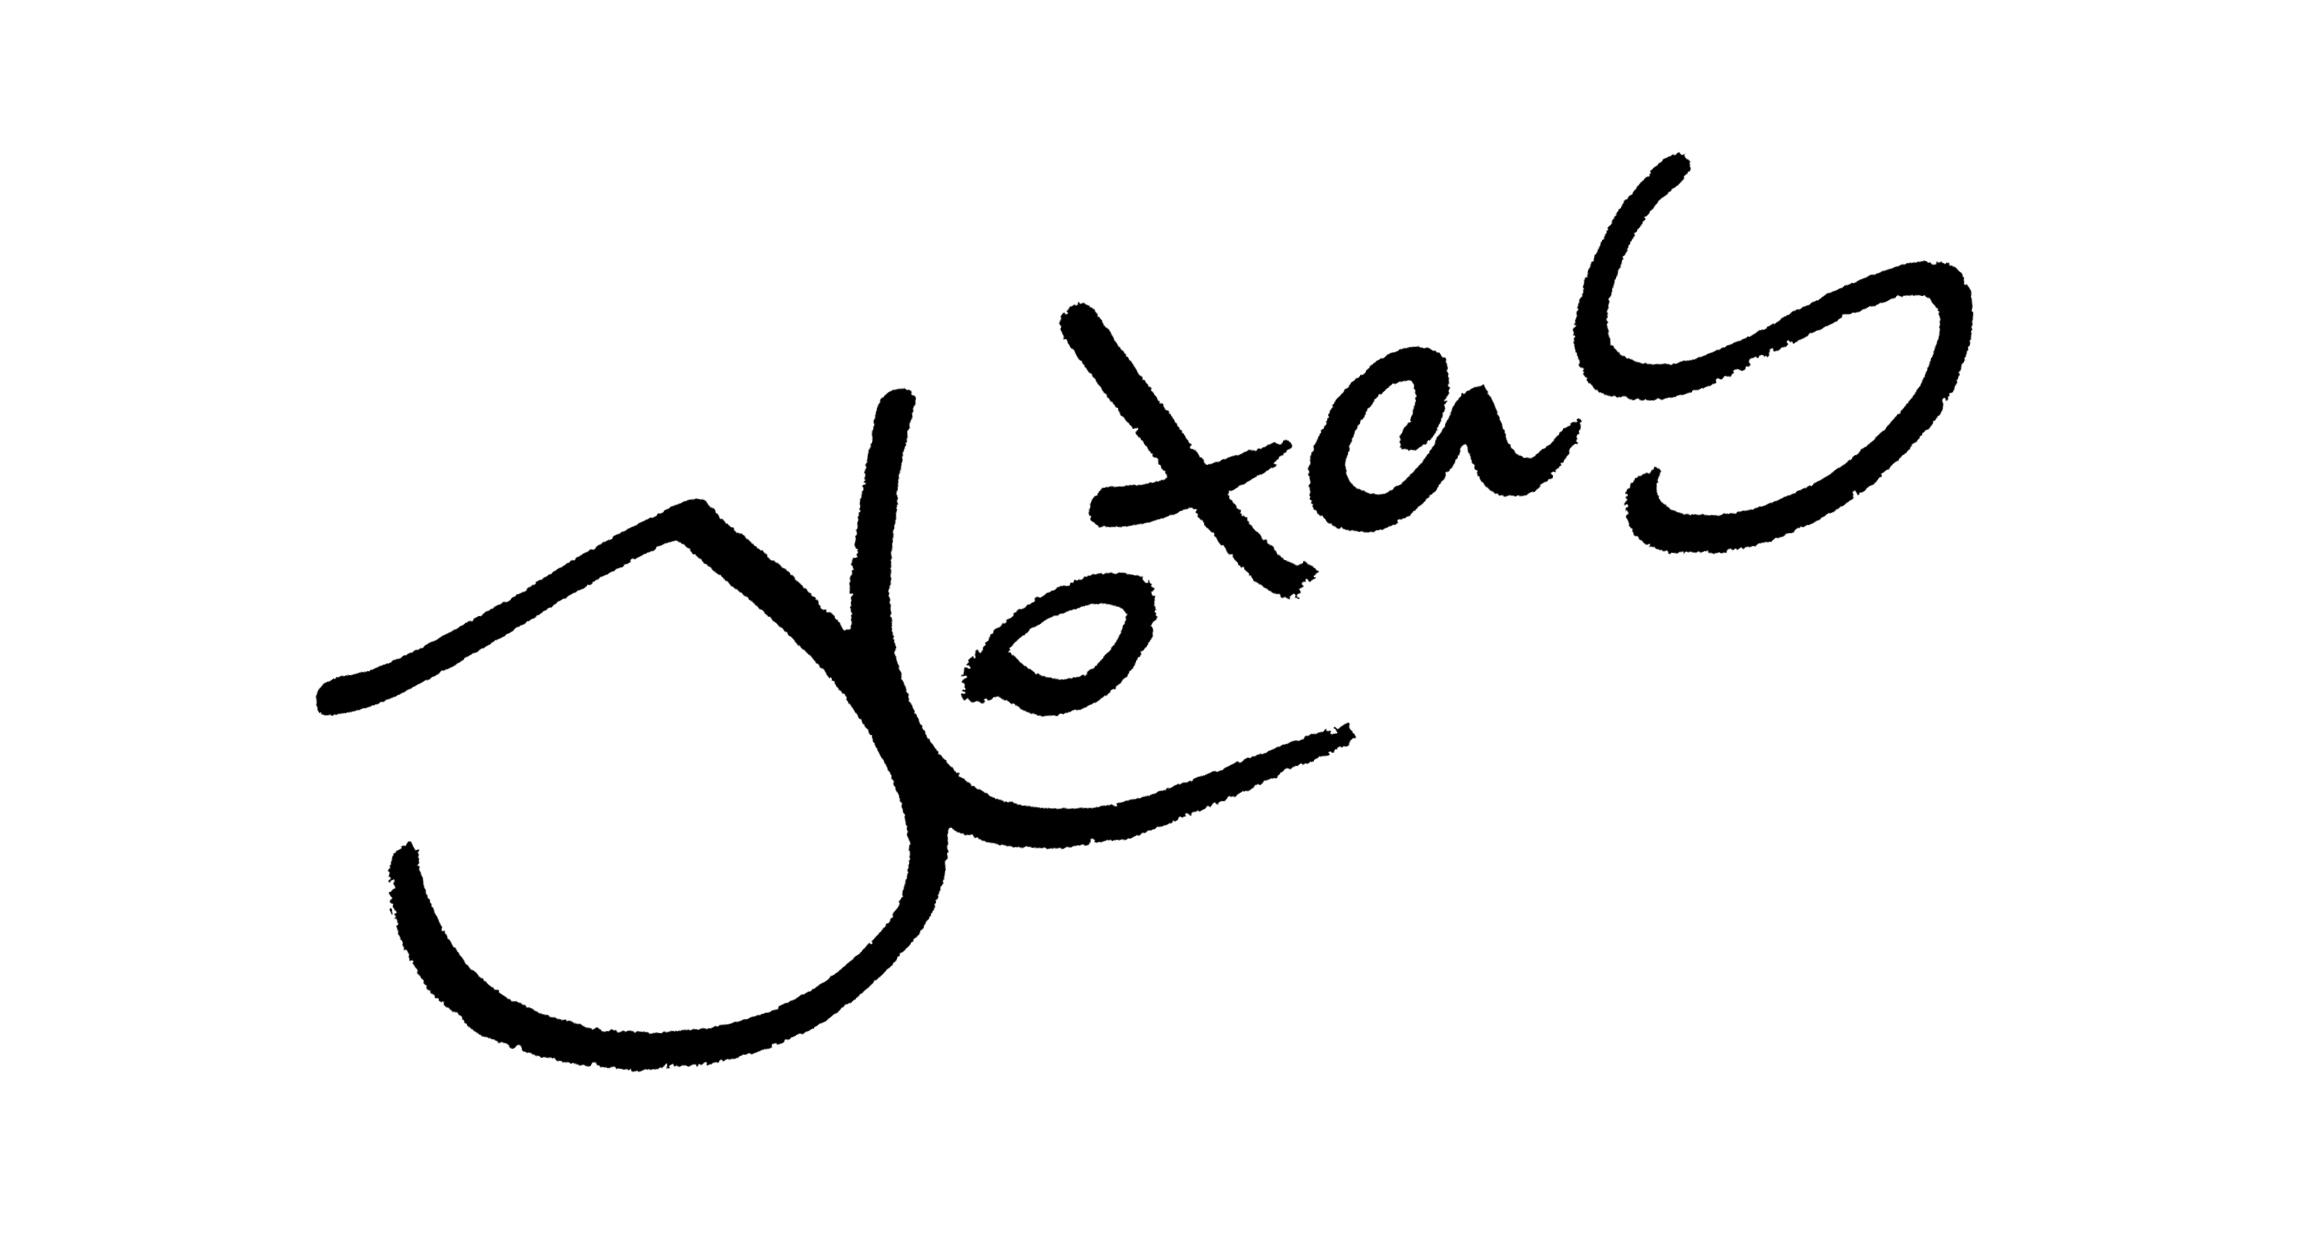 Jakub Kotas's Signature